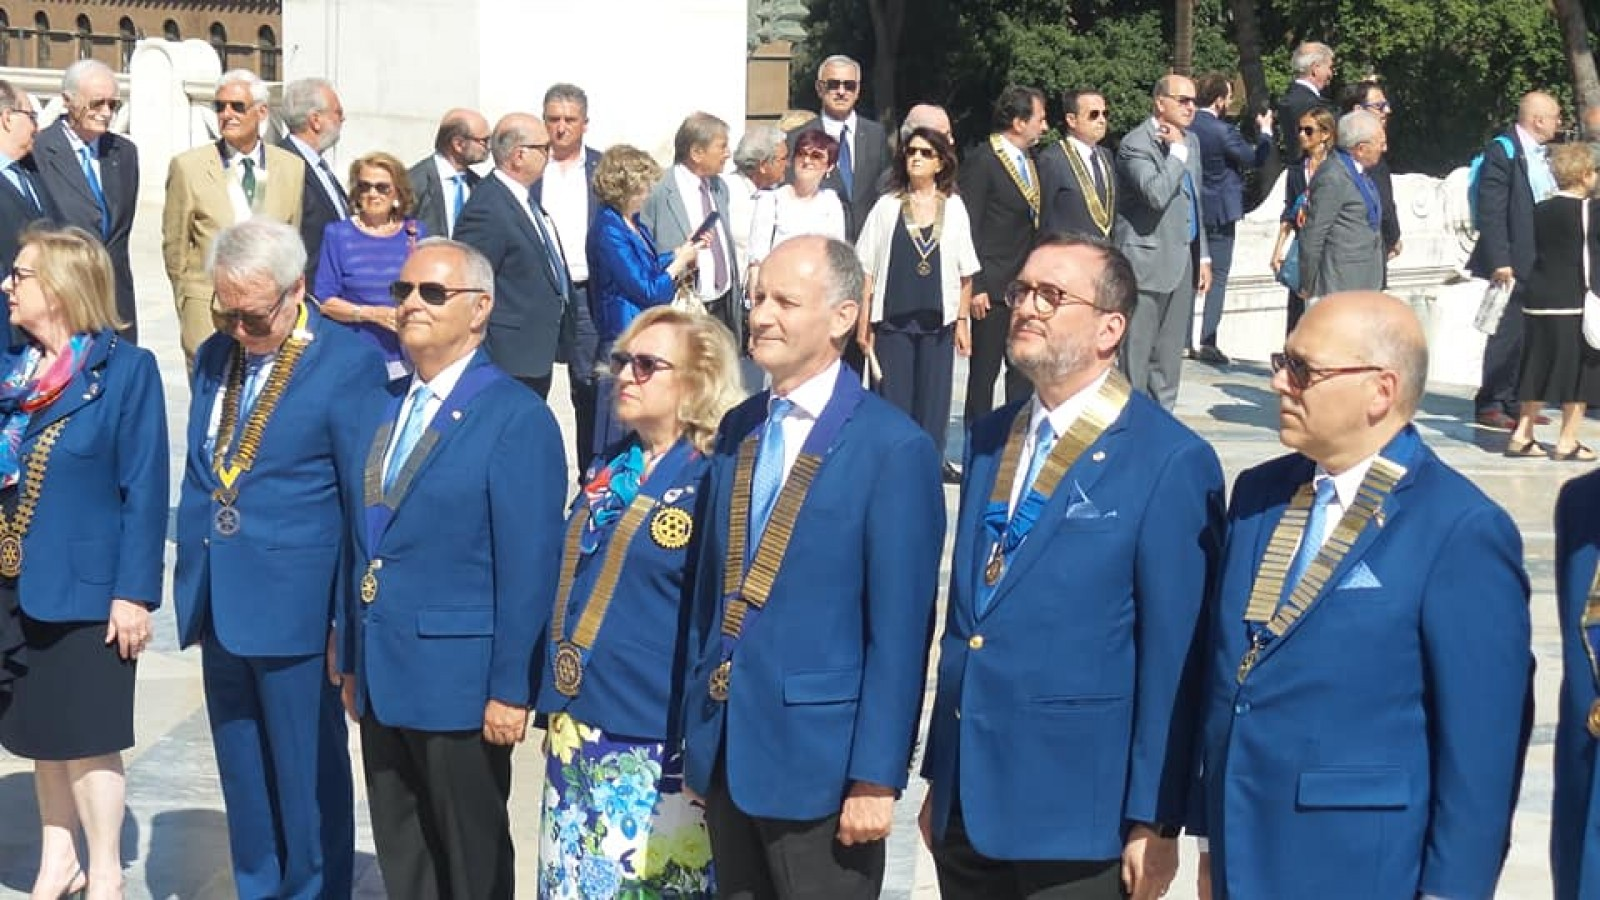 Gallery - Altare della Patria: omaggio al Sacello del Milite Ignoto